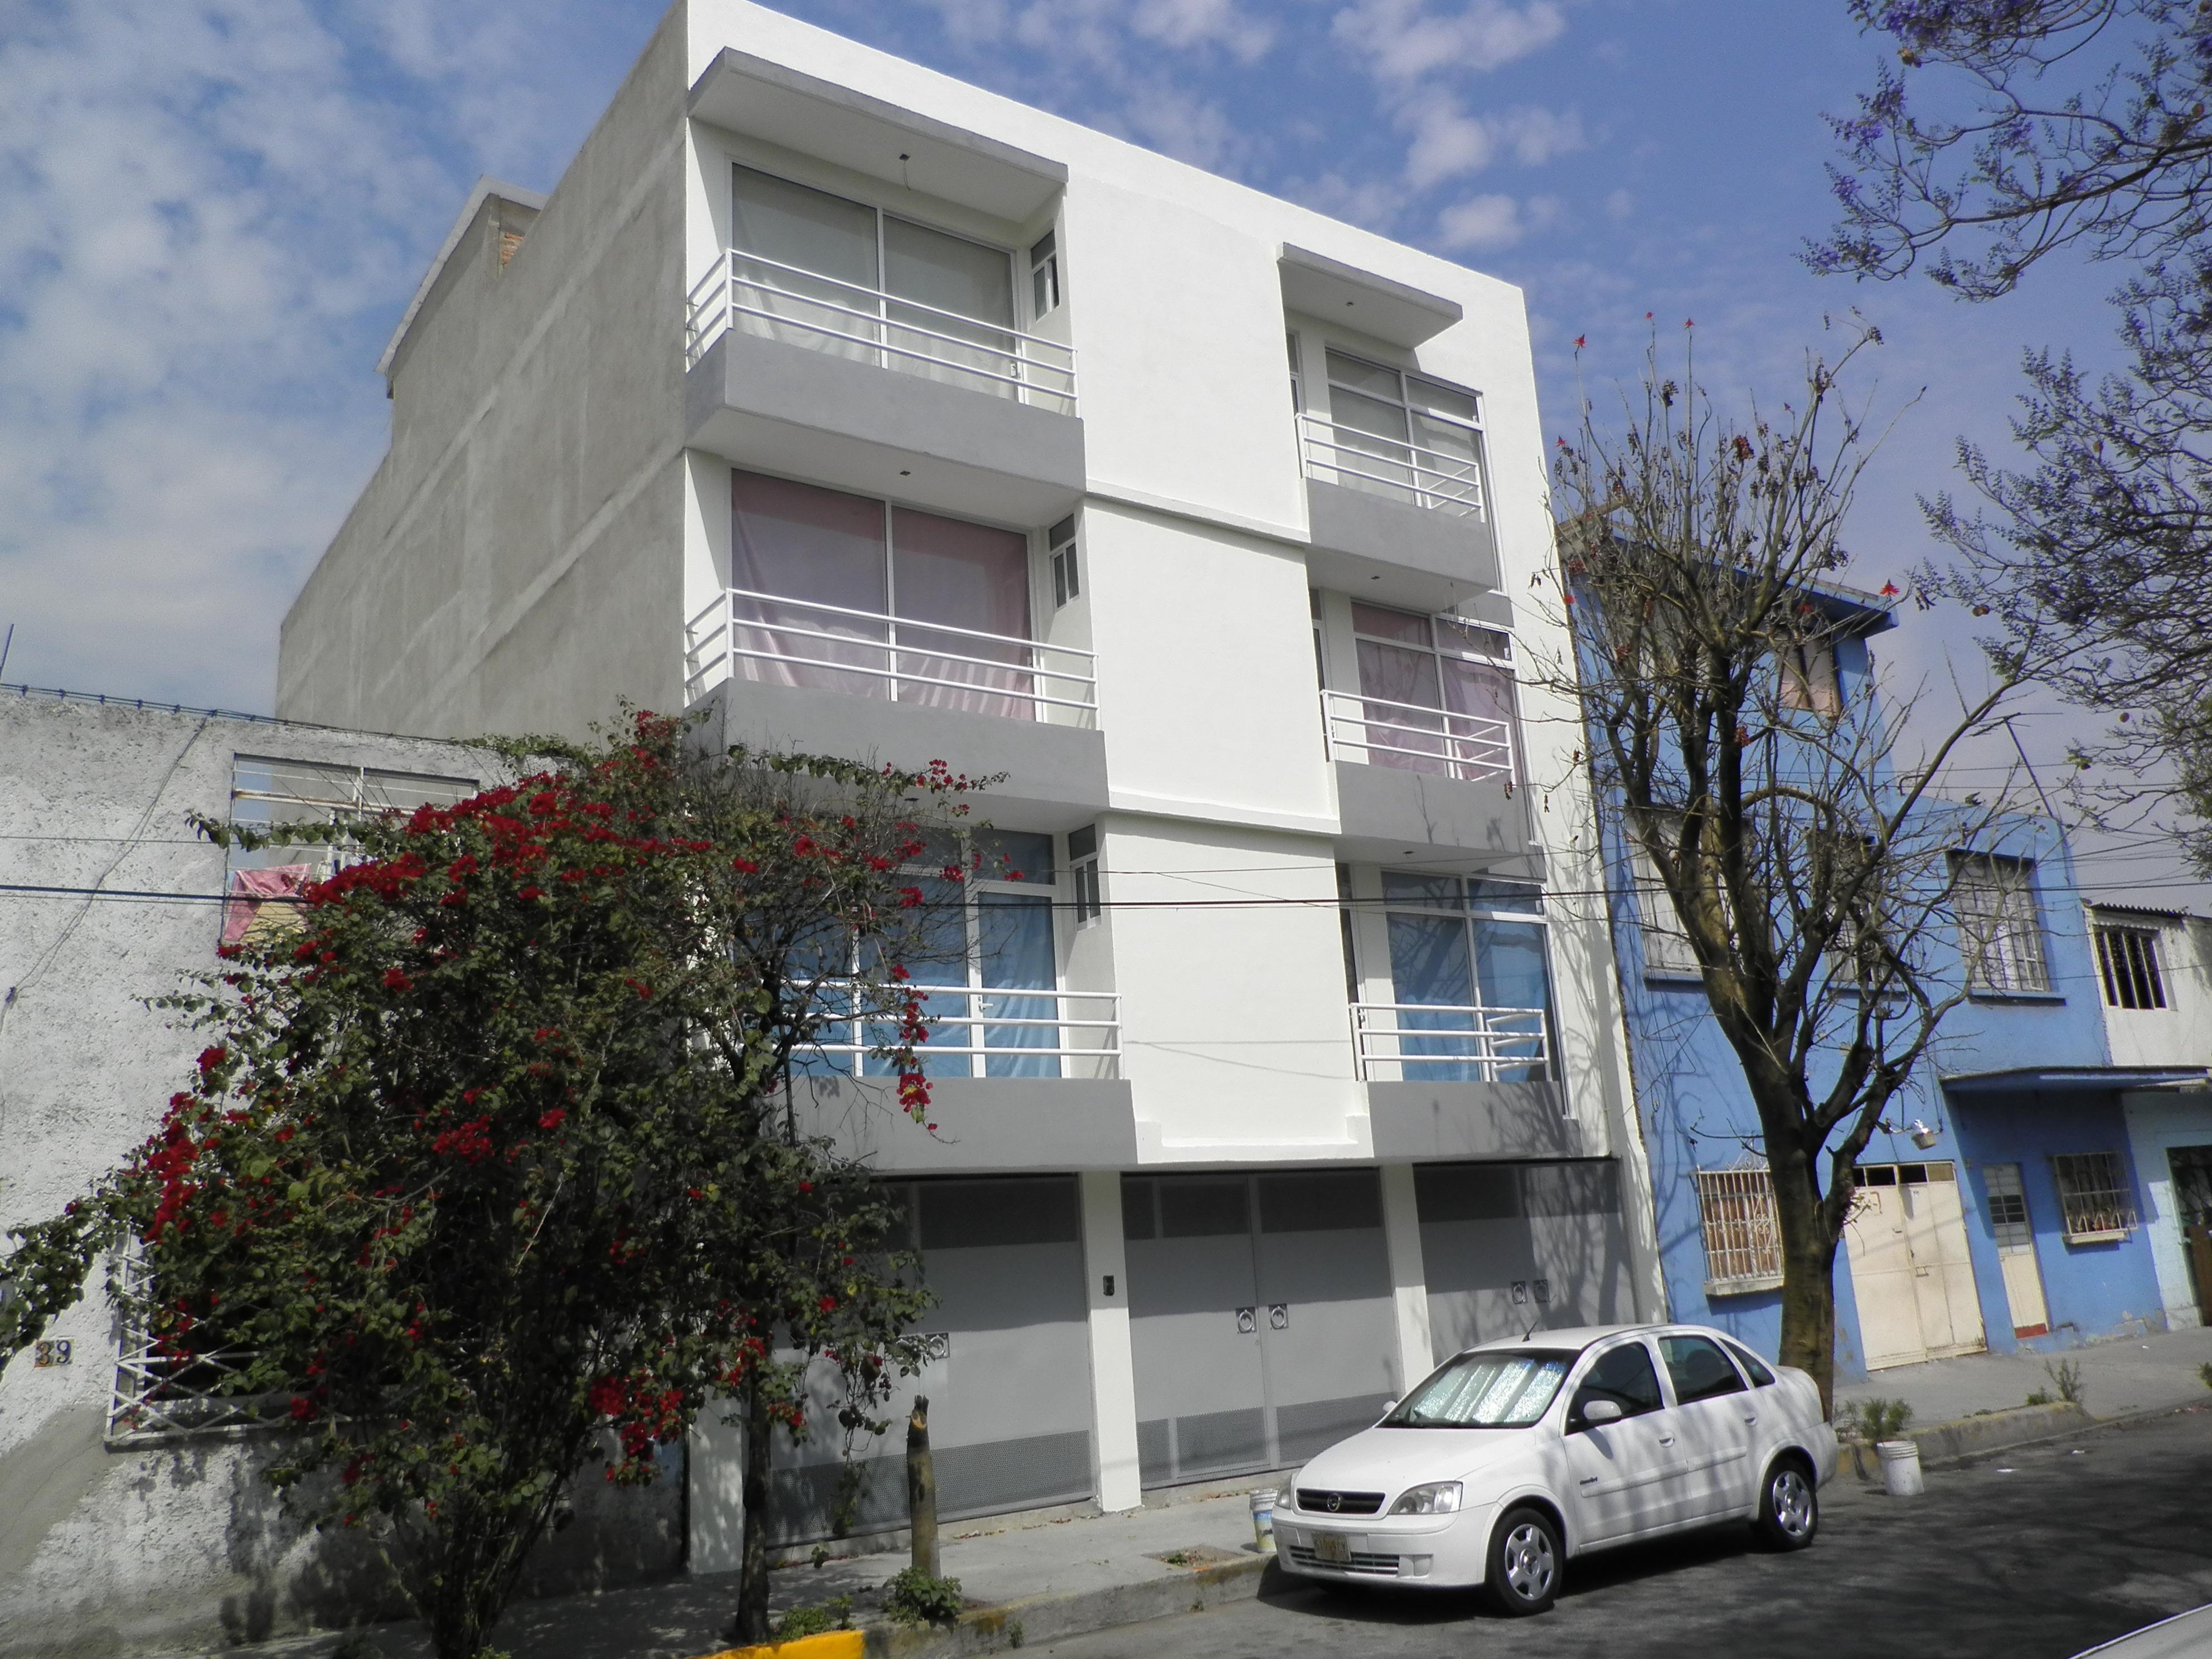 Construccion de un edificio de 4 niveles para 3 for Edificios minimalistas fotos